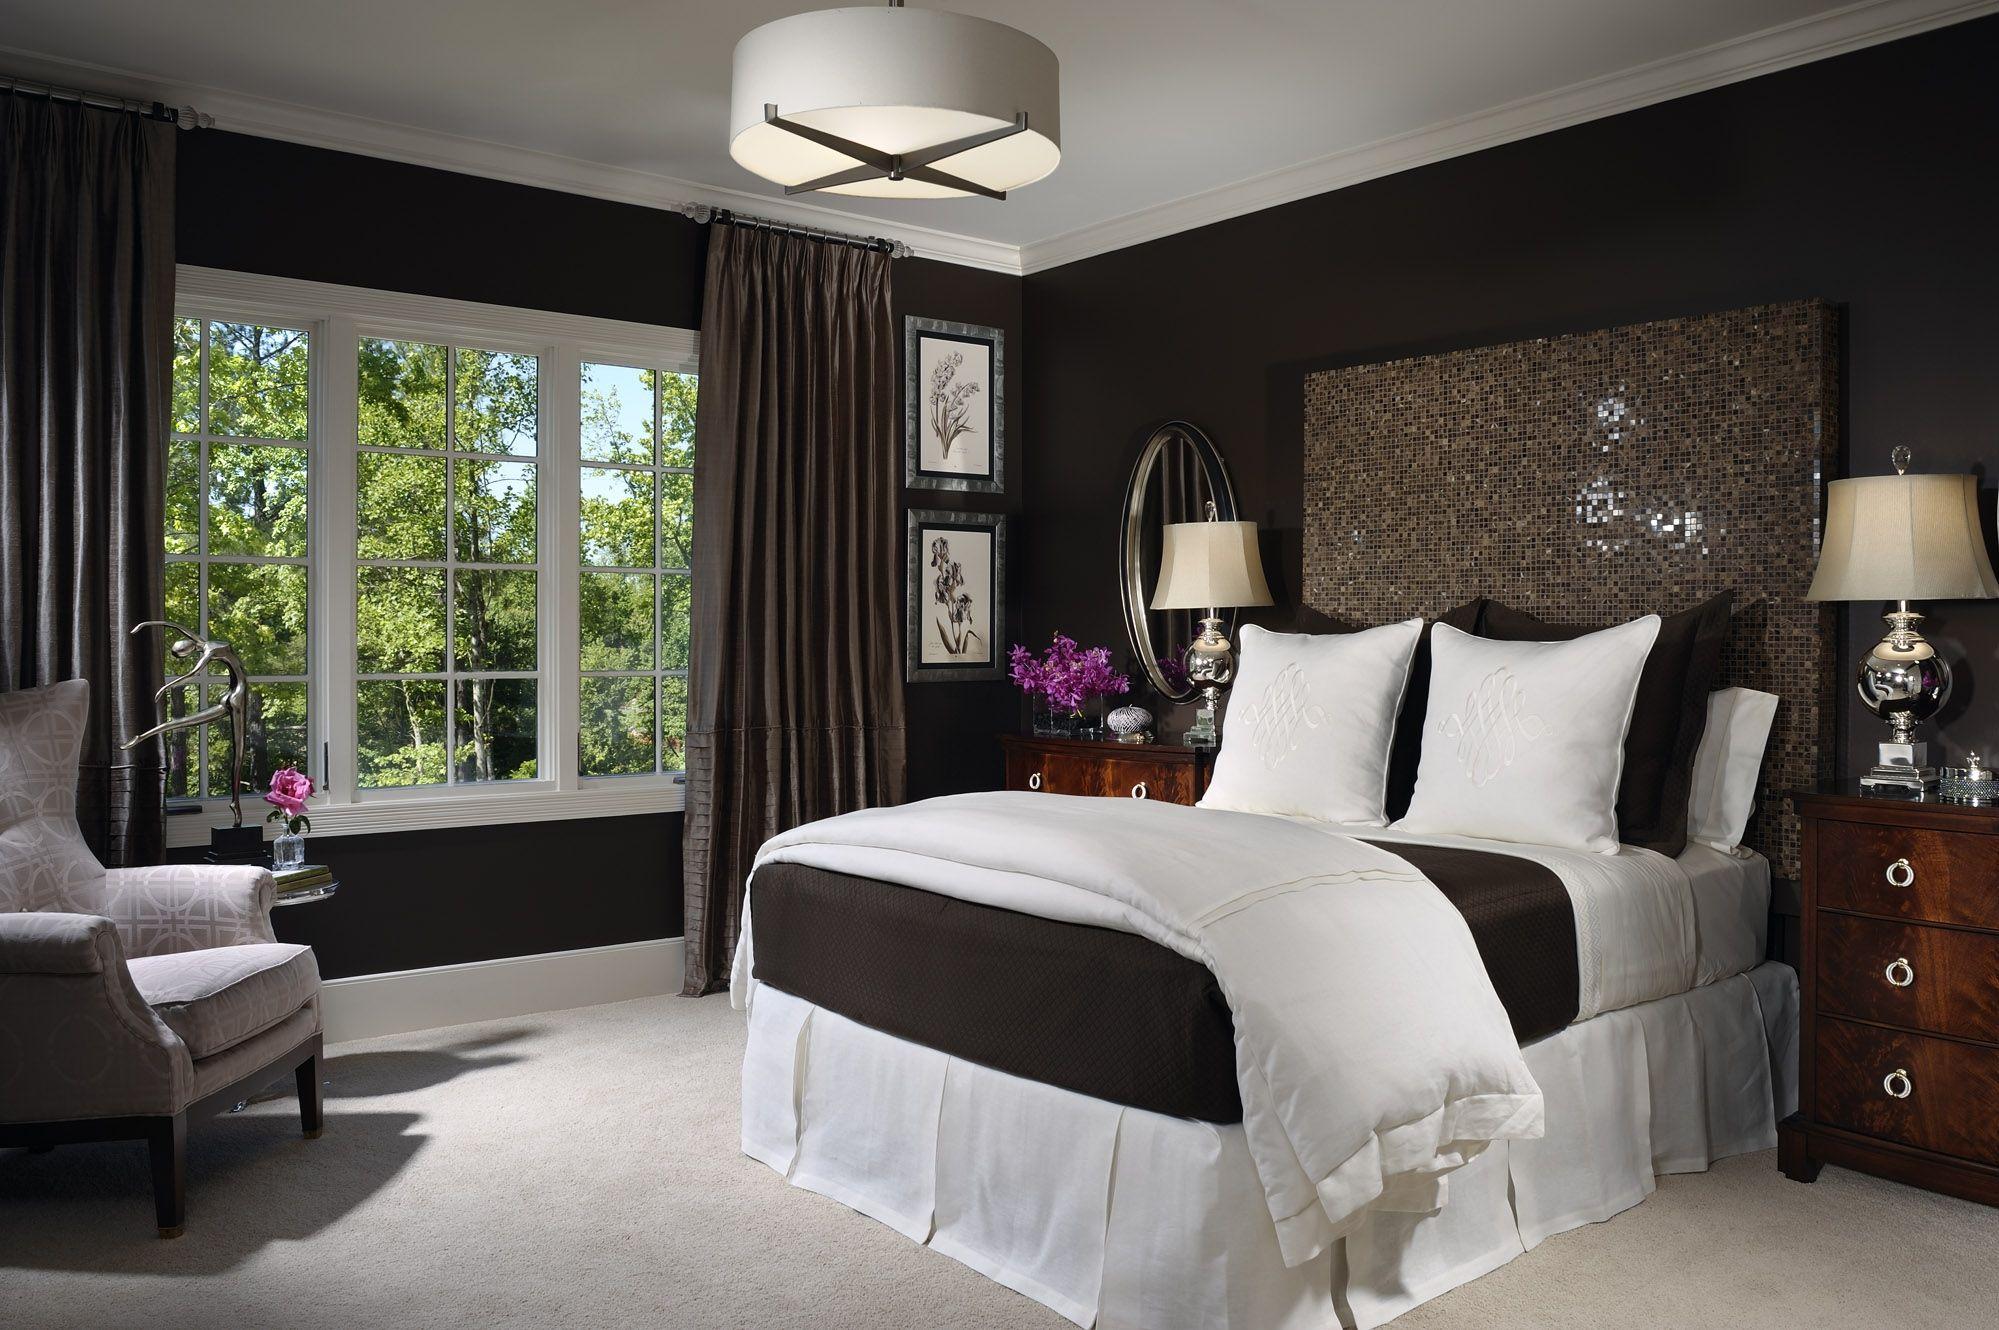 Schlafzimmer Birke ~ Kleines schlafzimmer mit queen size bett für angenehmen design